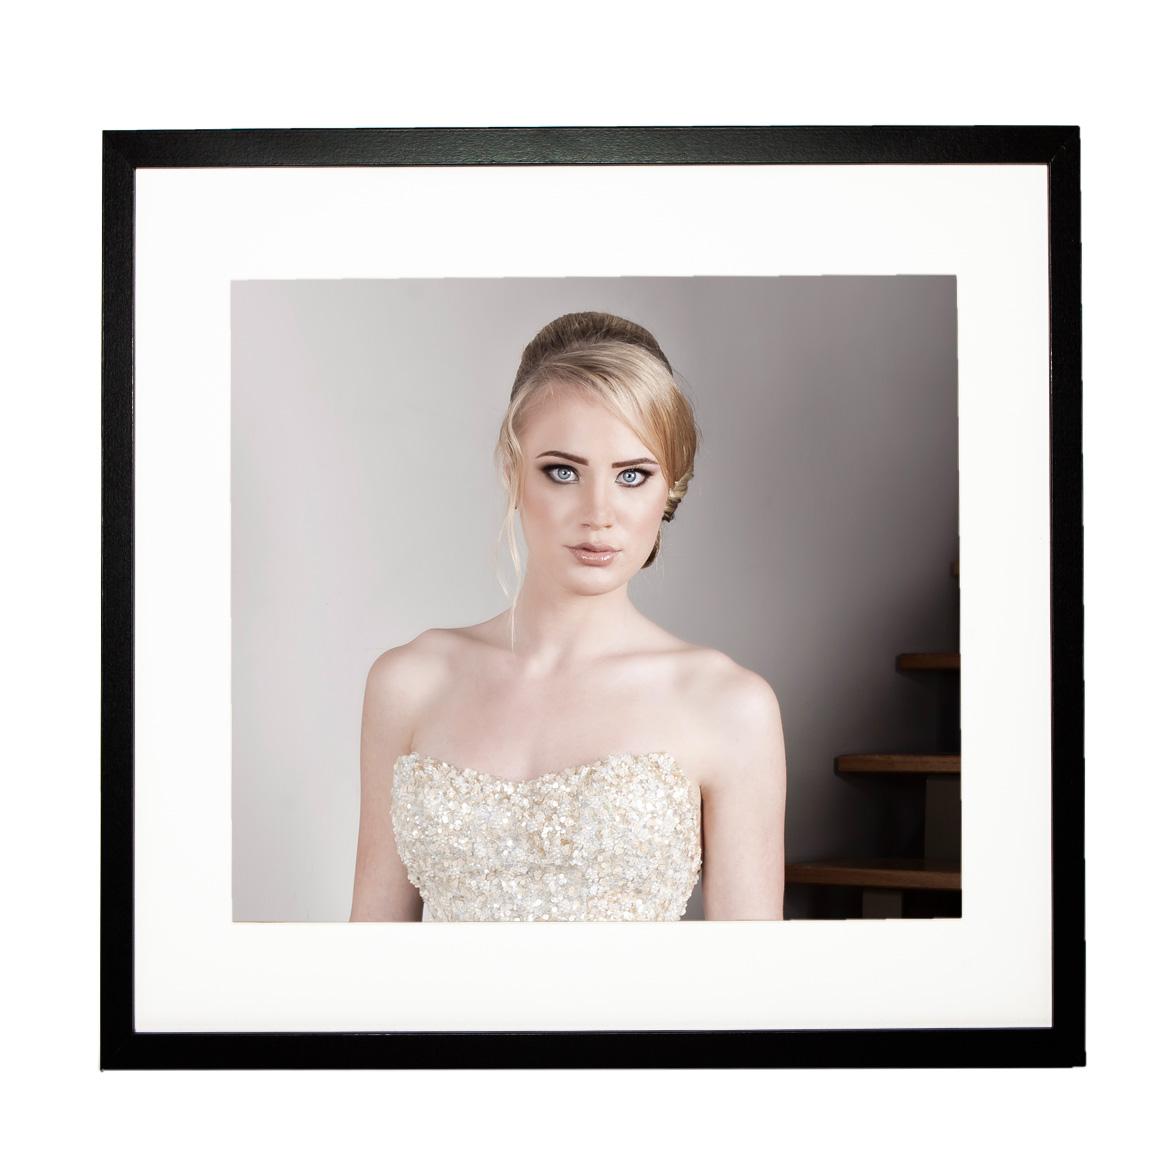 Frame12.jpg